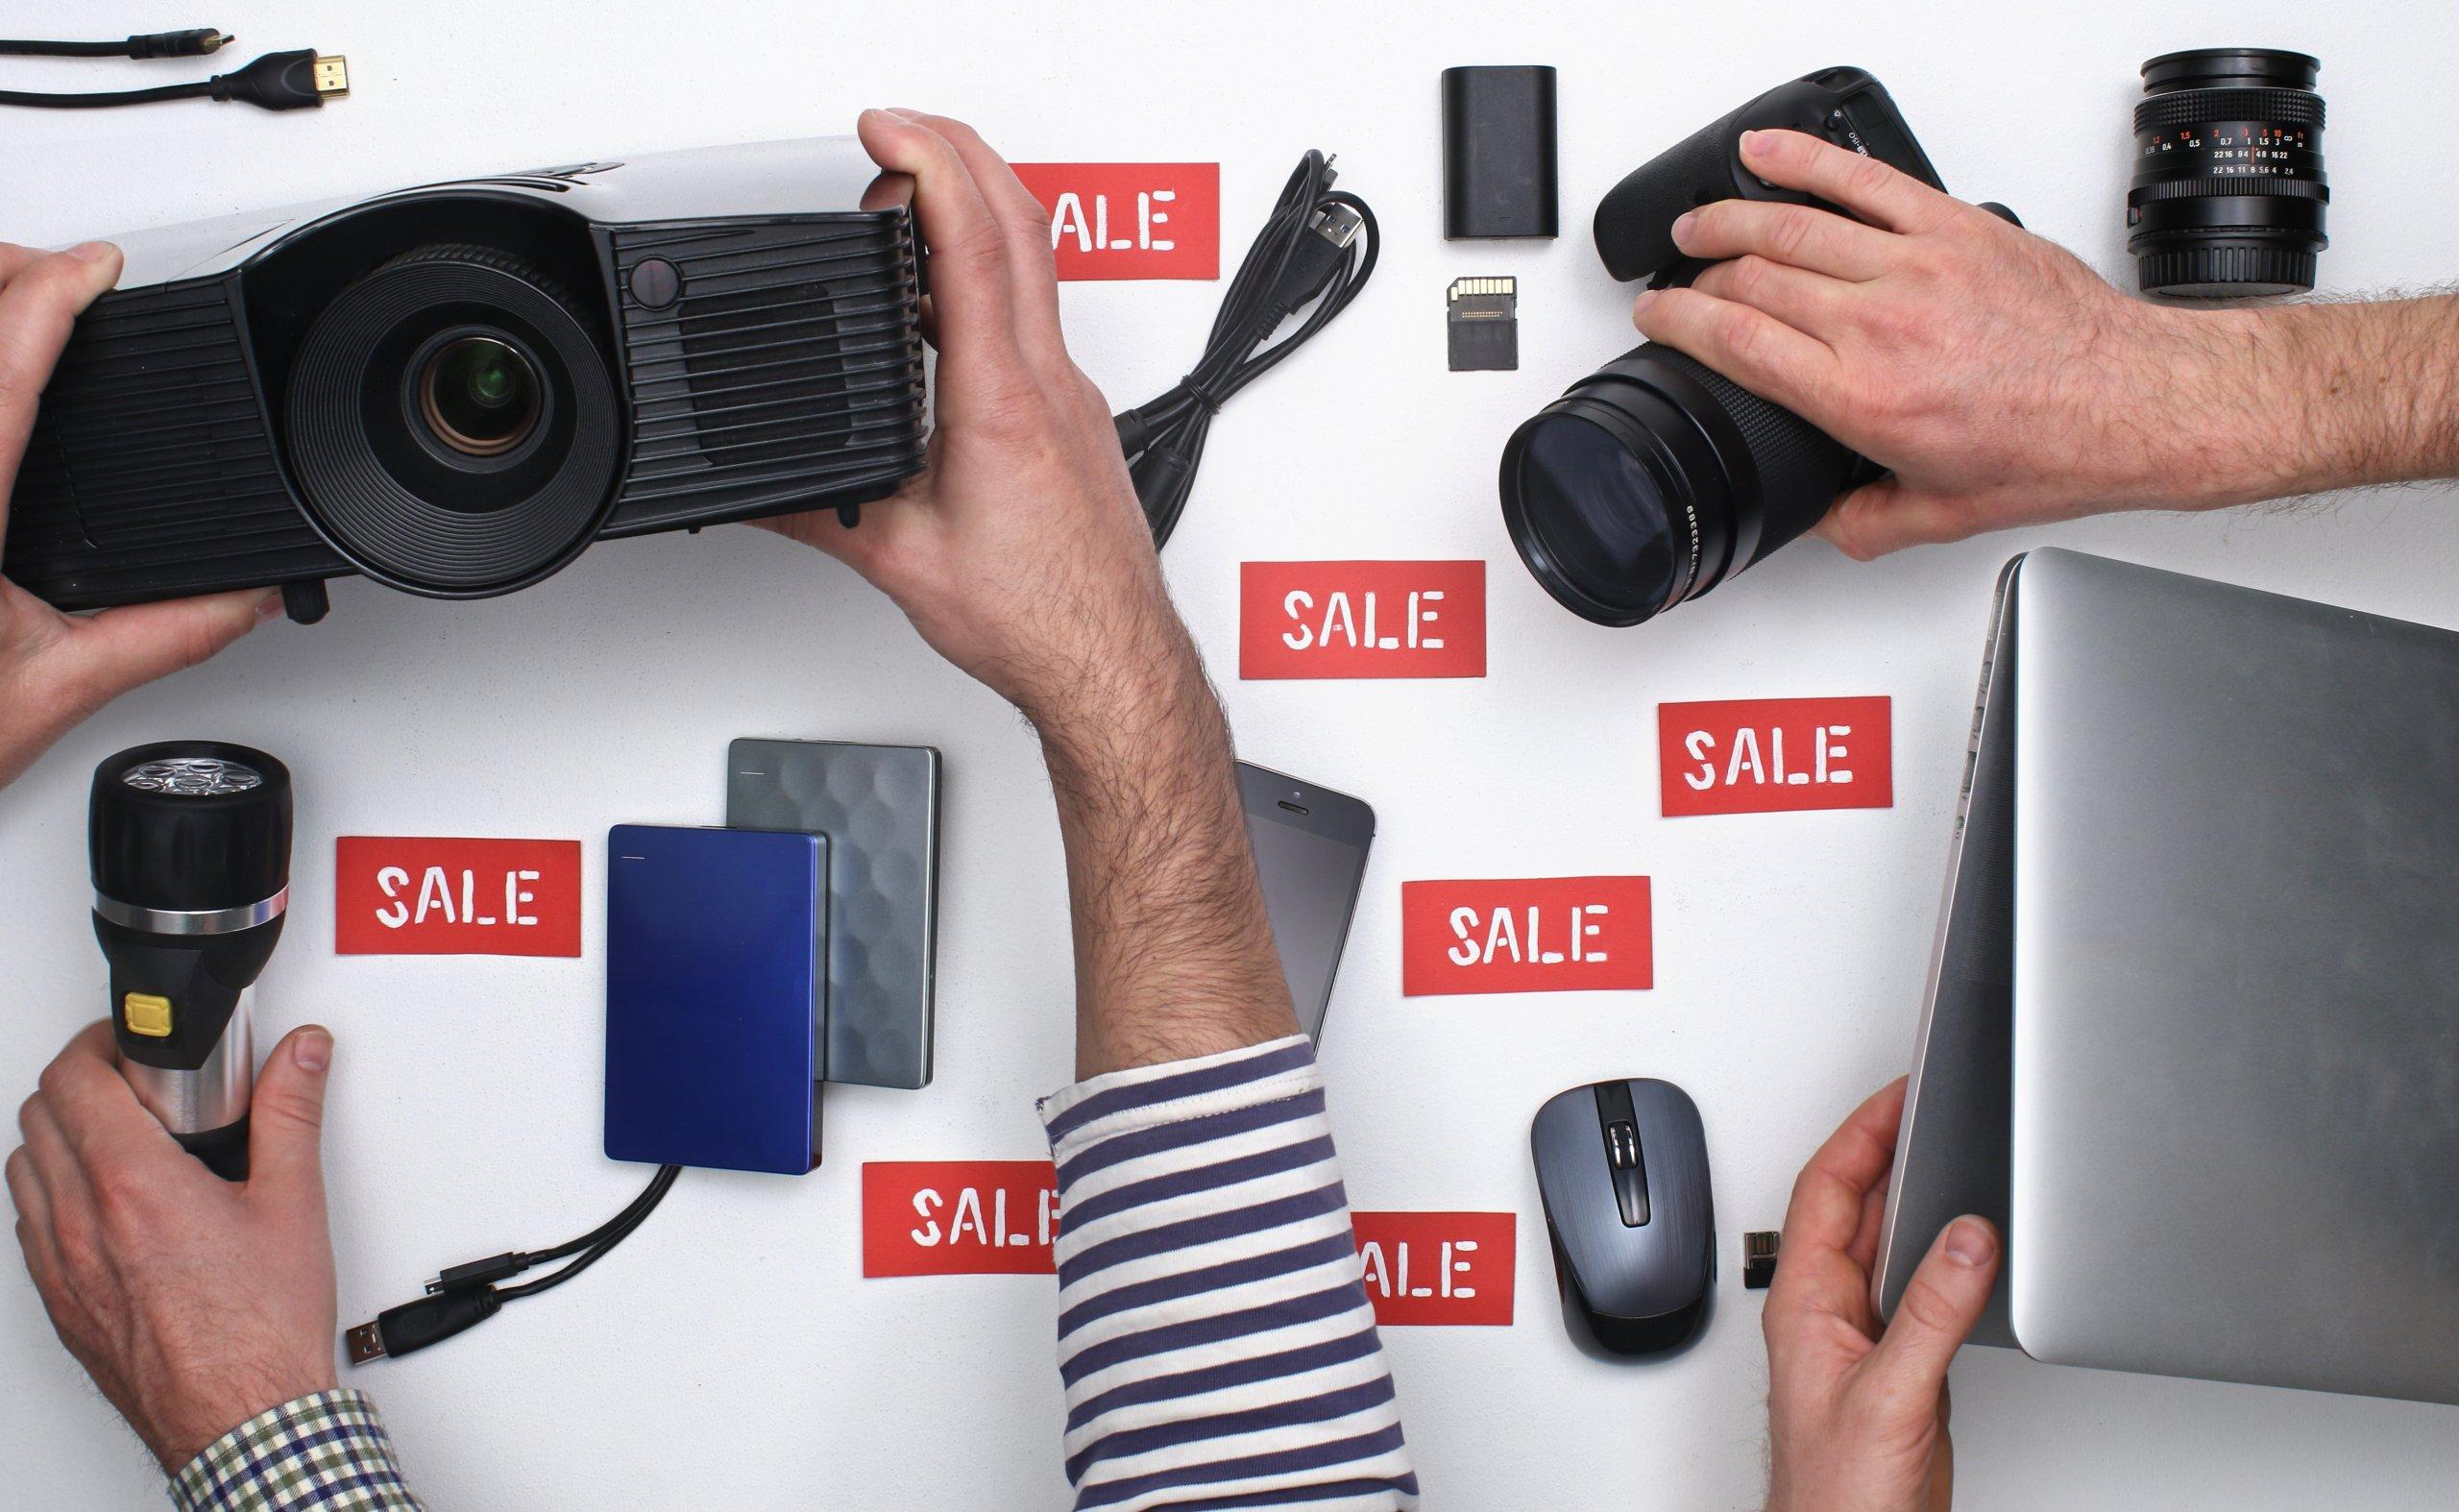 """Des appareils électroniques avec un tas d'étiquettes """"Sale"""" autour d'eux"""